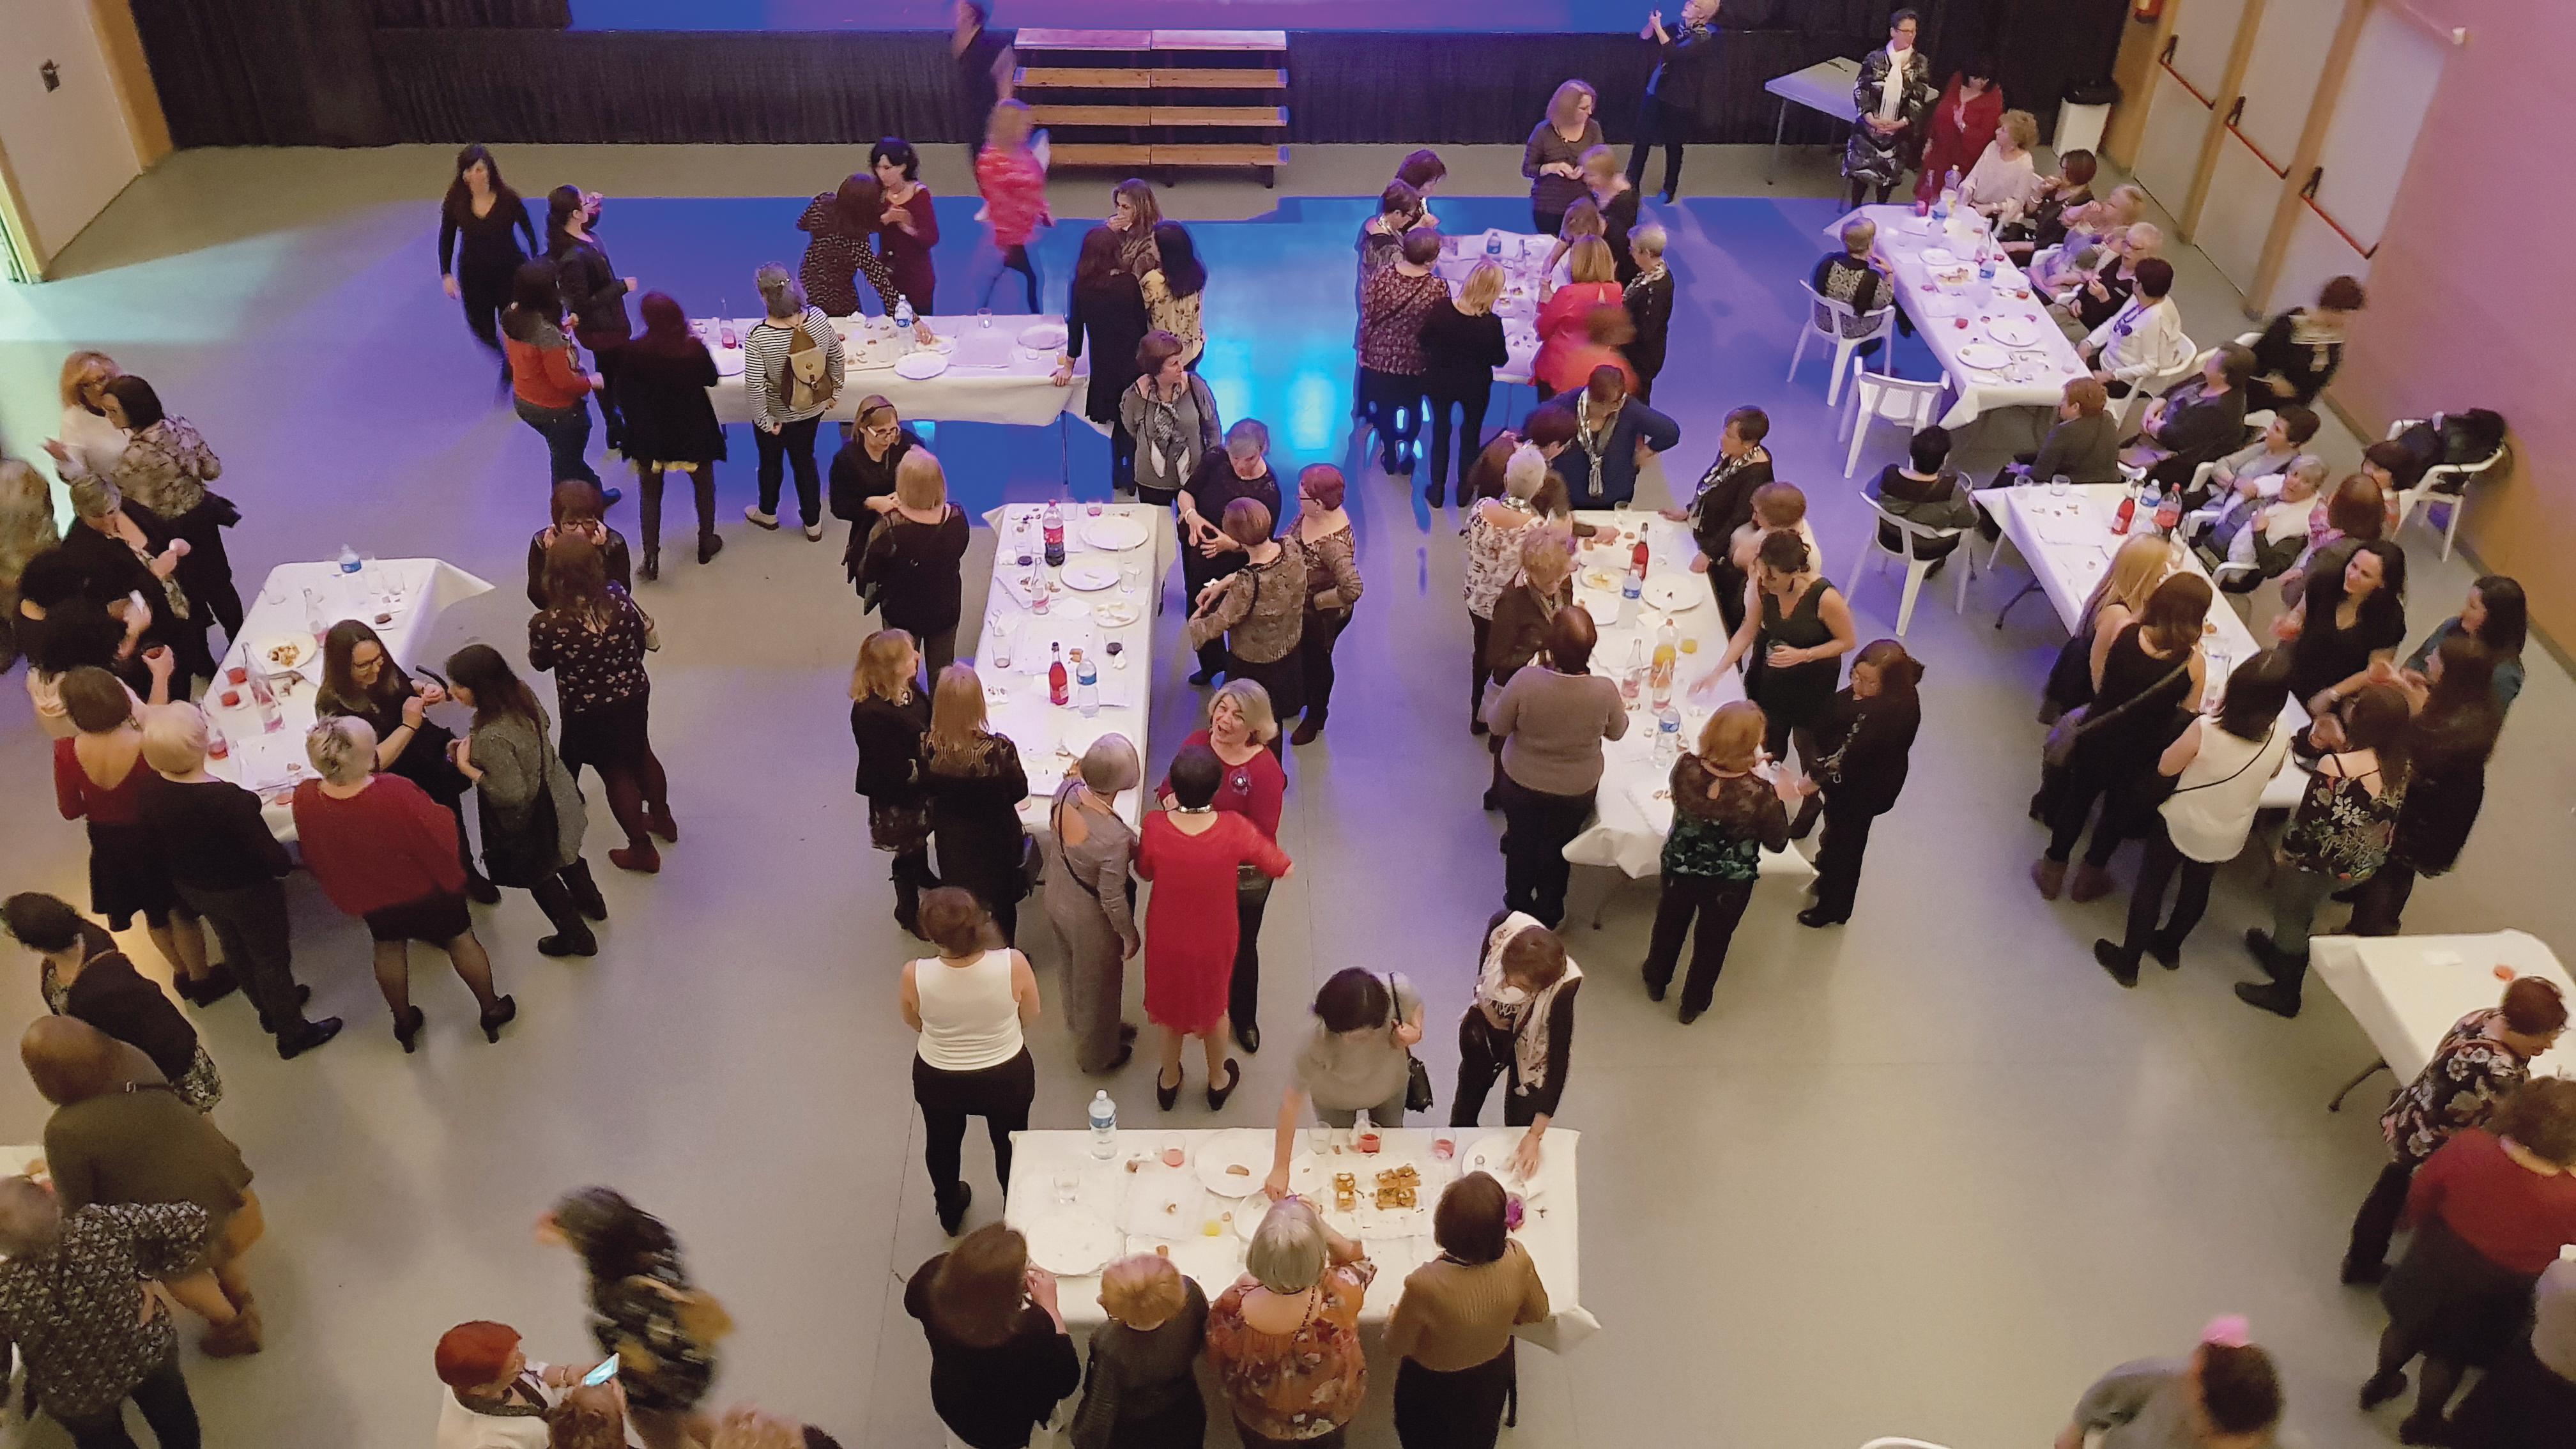 La Nit de les dones tindrà lloc dissabte al Centre Cultural